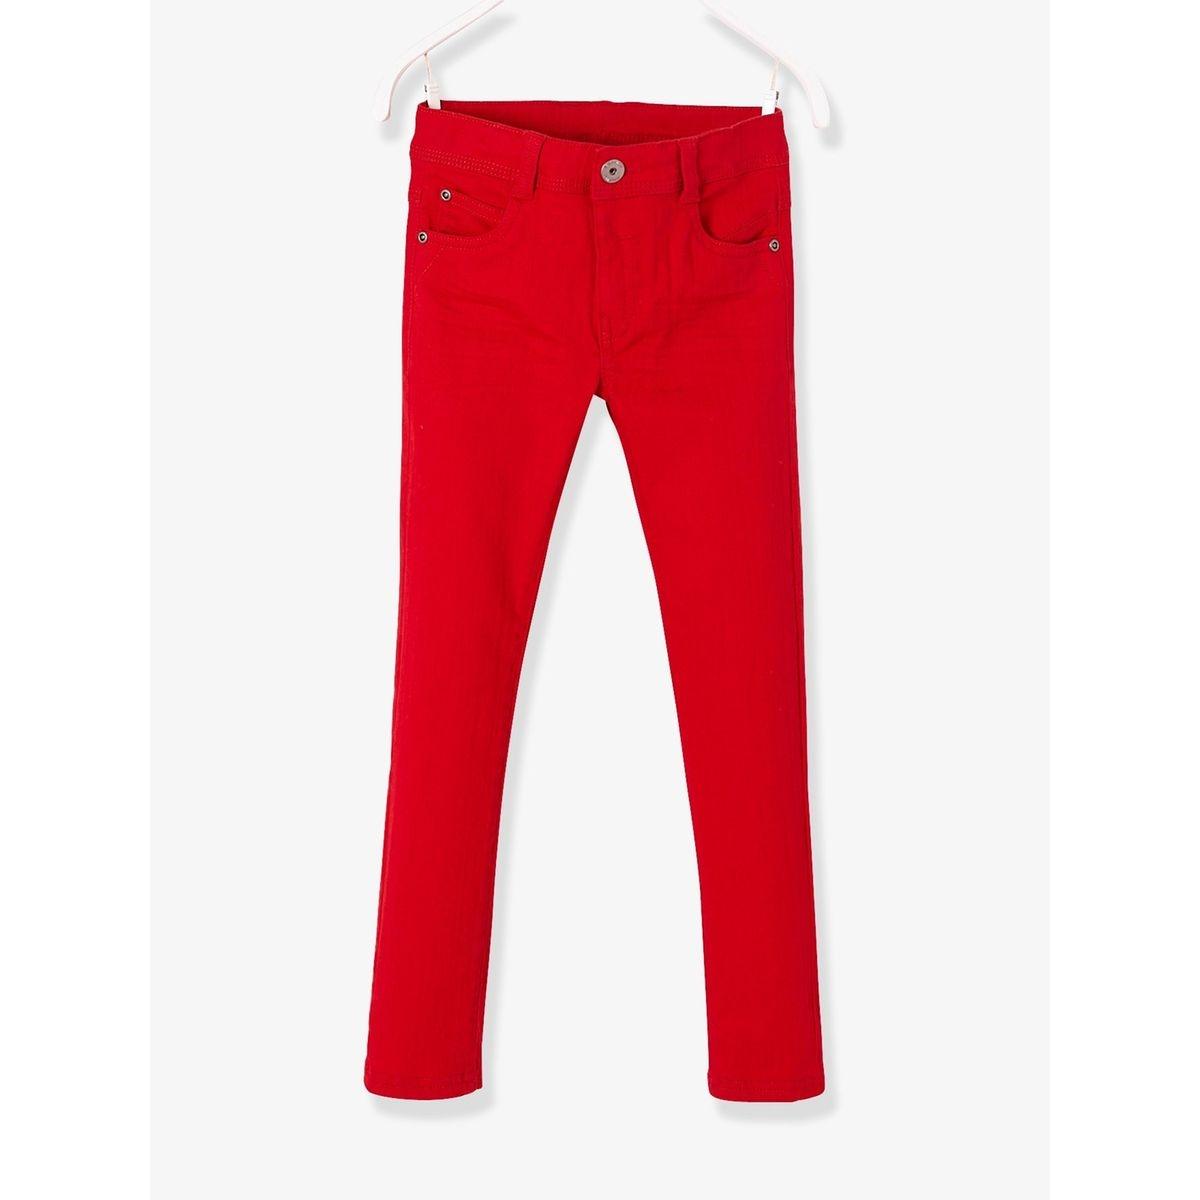 Pantalon slim garçon tour de hanches LARGE morphologik